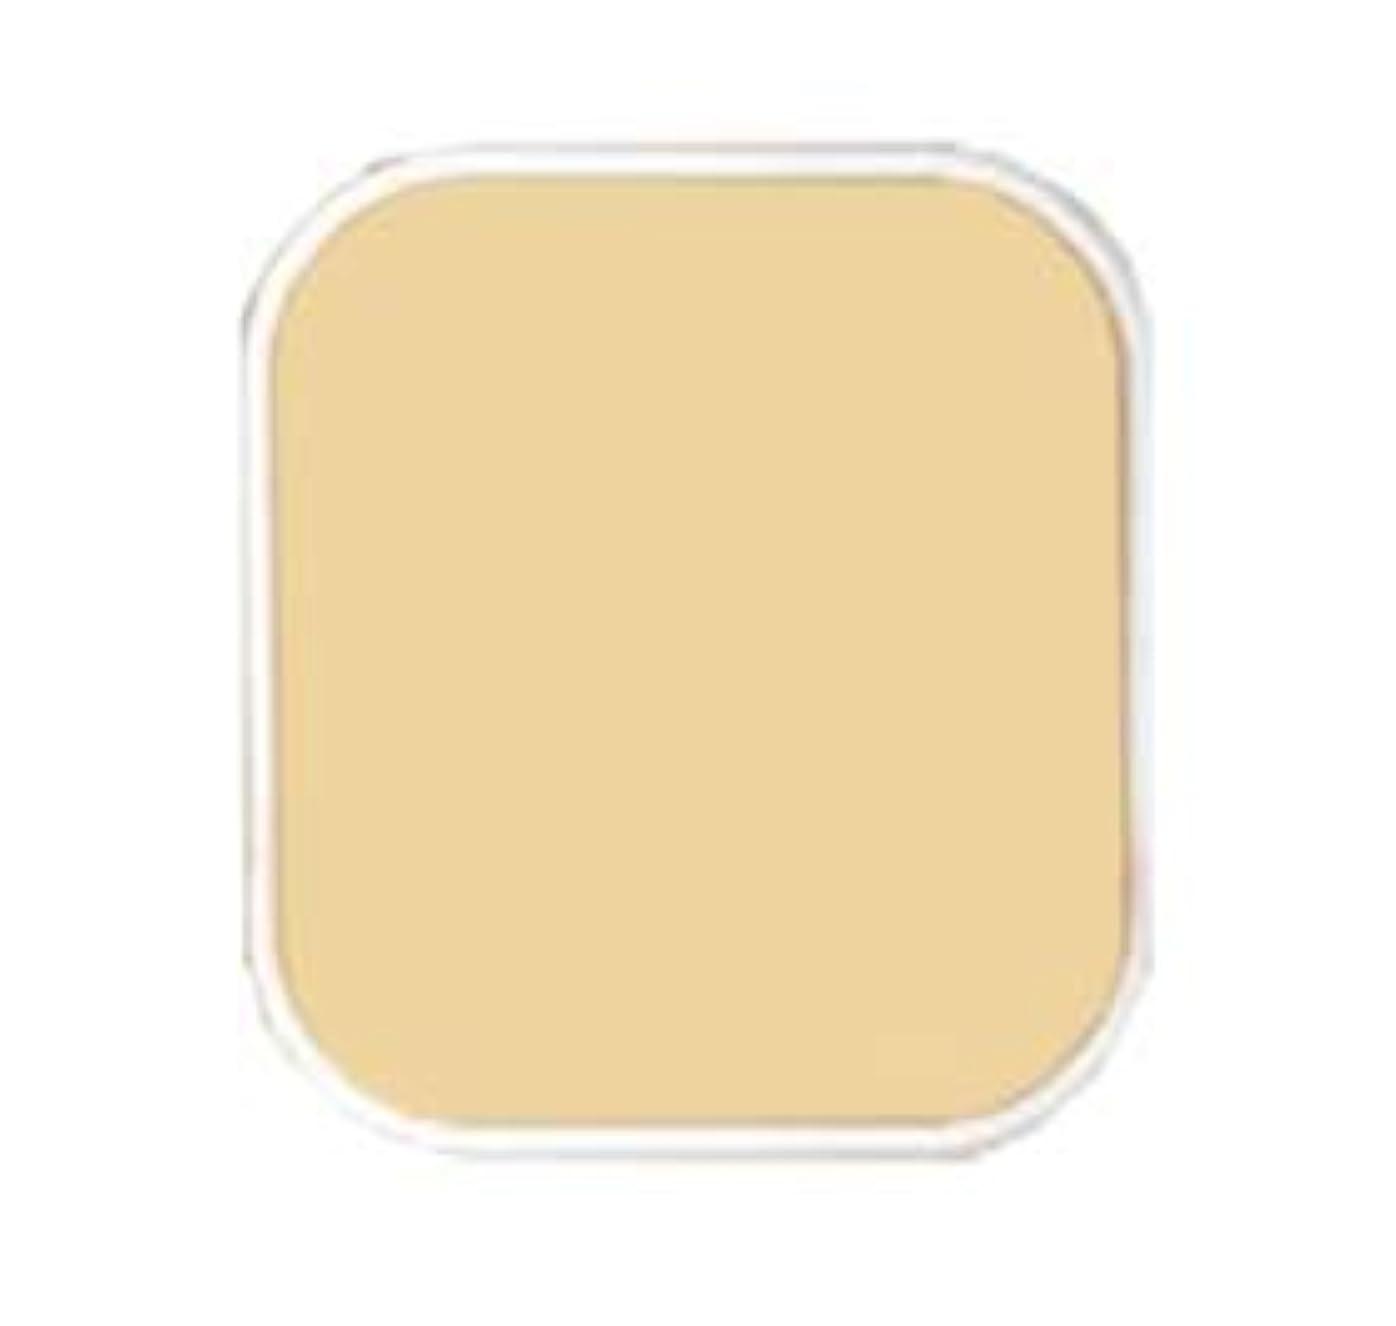 出口不運検証アクセーヌ クリーミィファンデーションPV(リフィル)<O10明るいオークル系>※ケース別売り(11g)